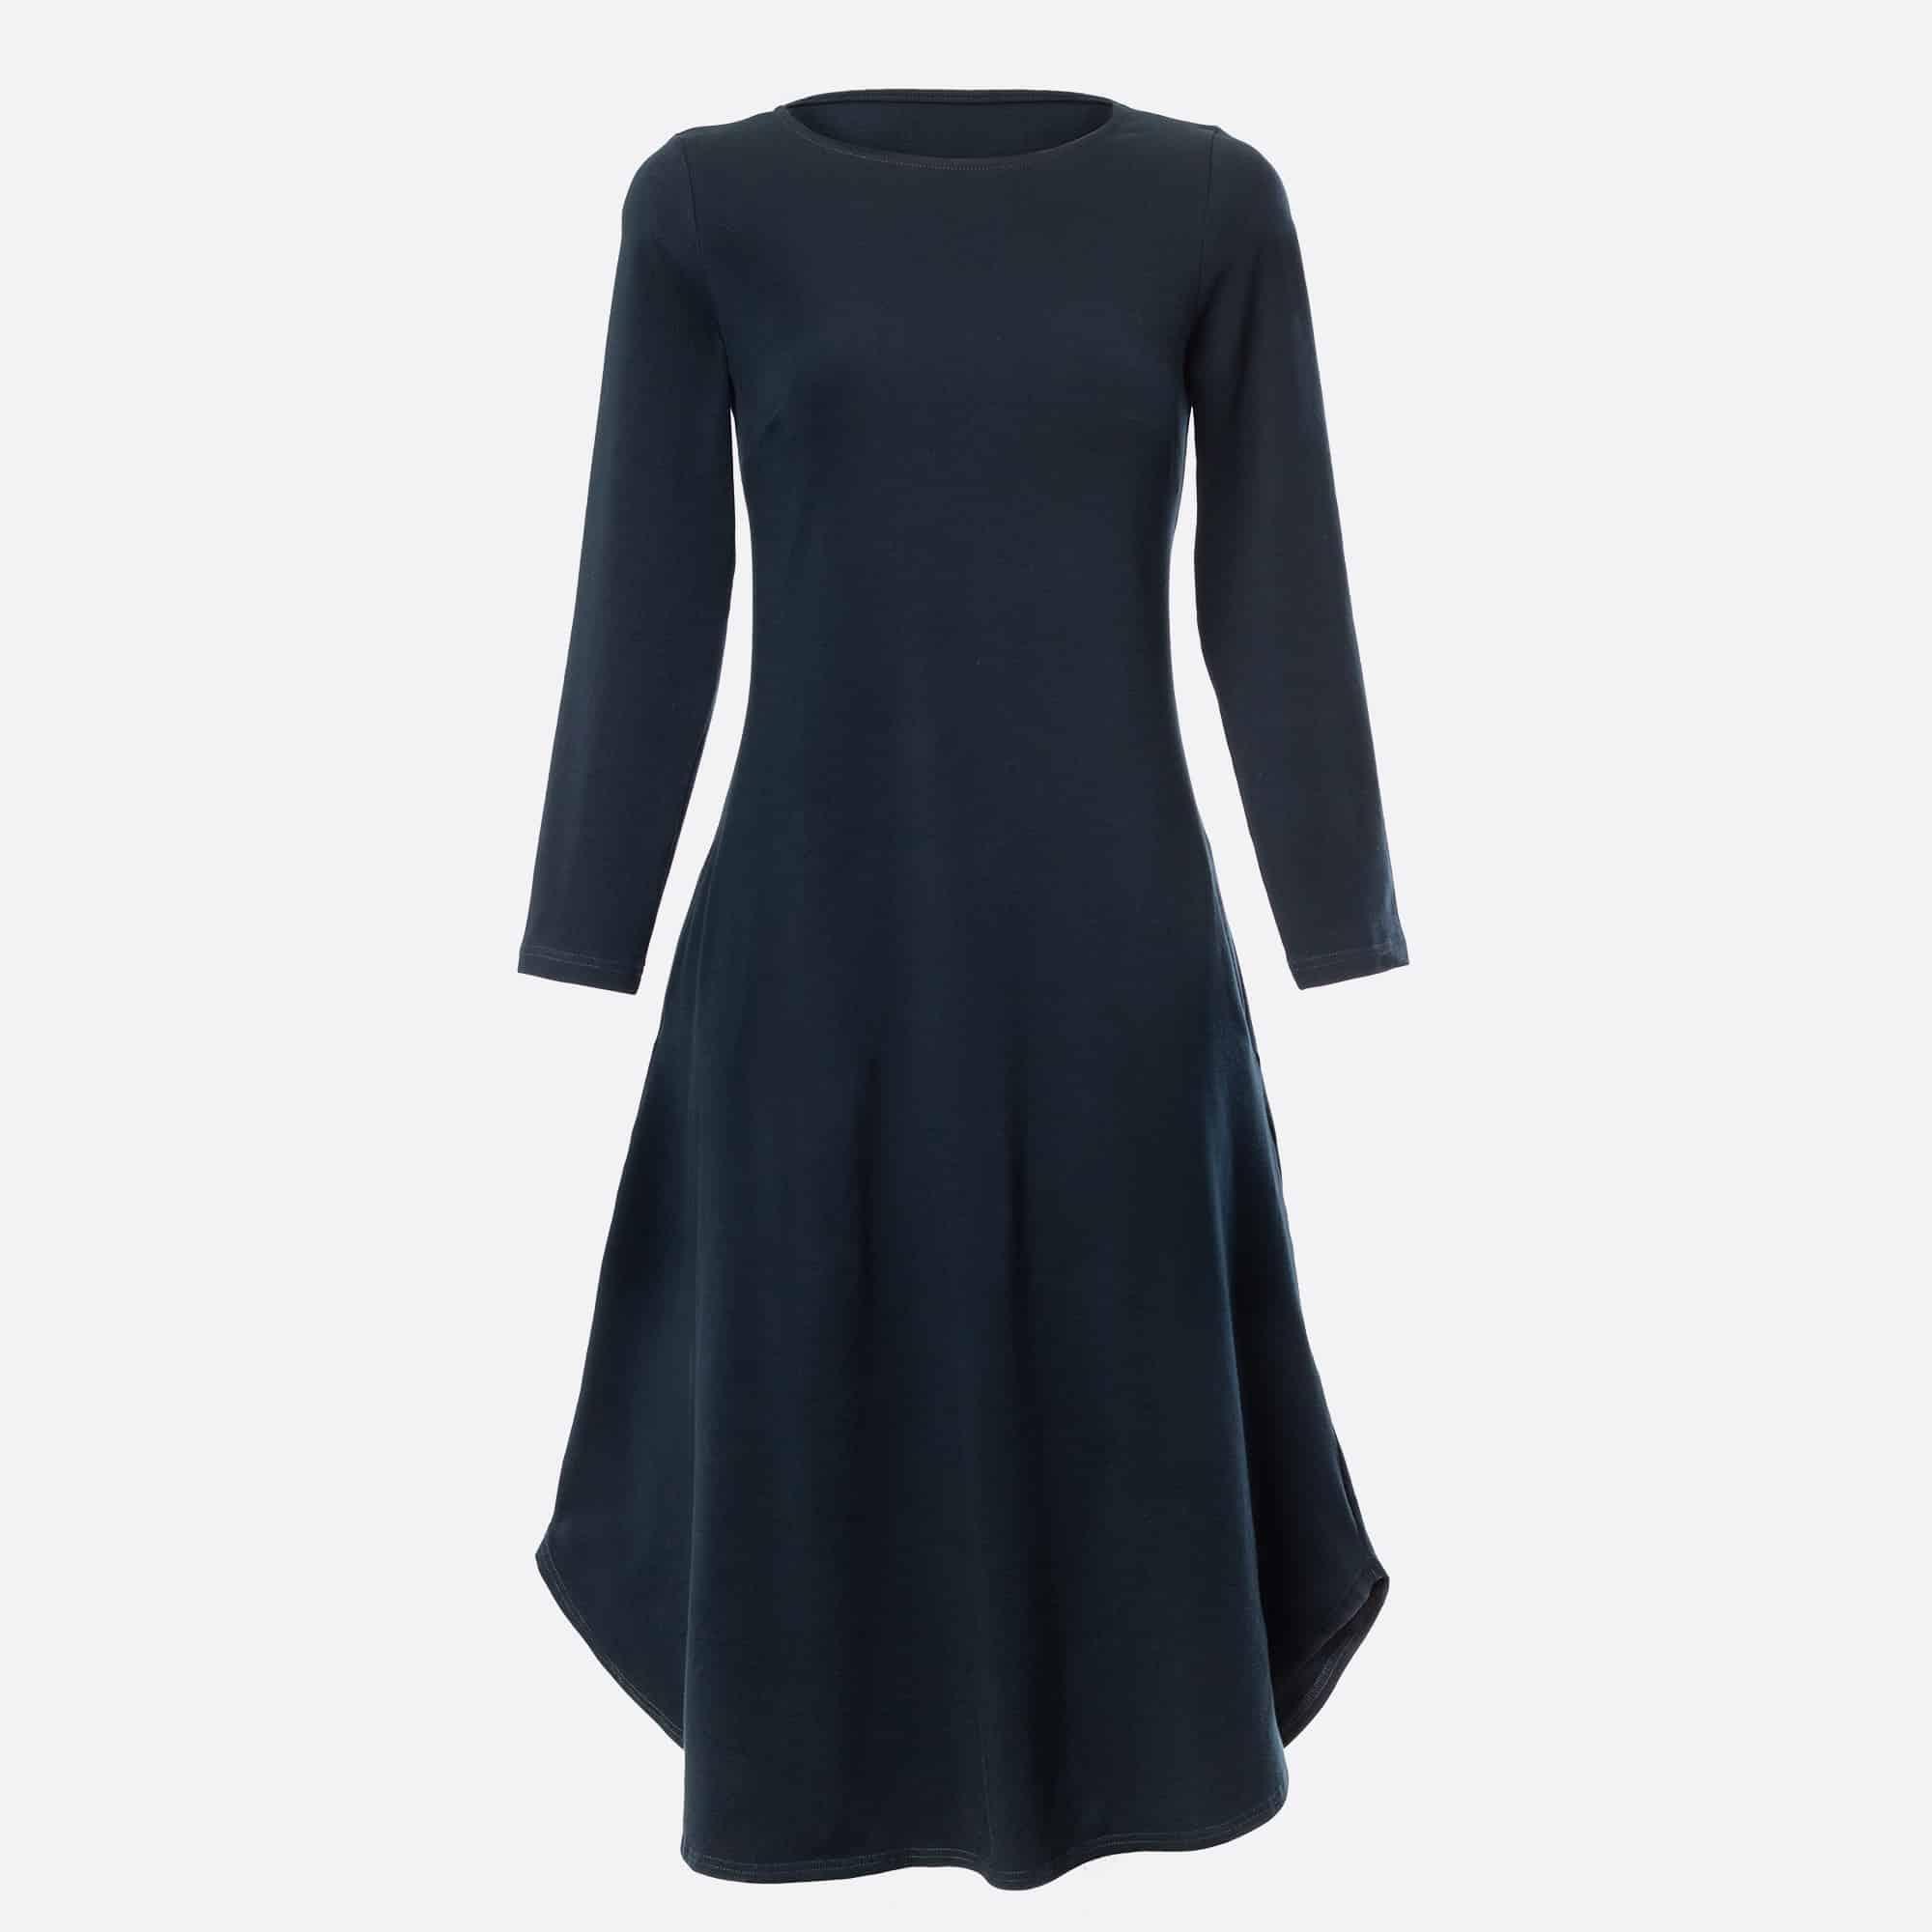 Naiste puuvillane kleit tumesinine 55€